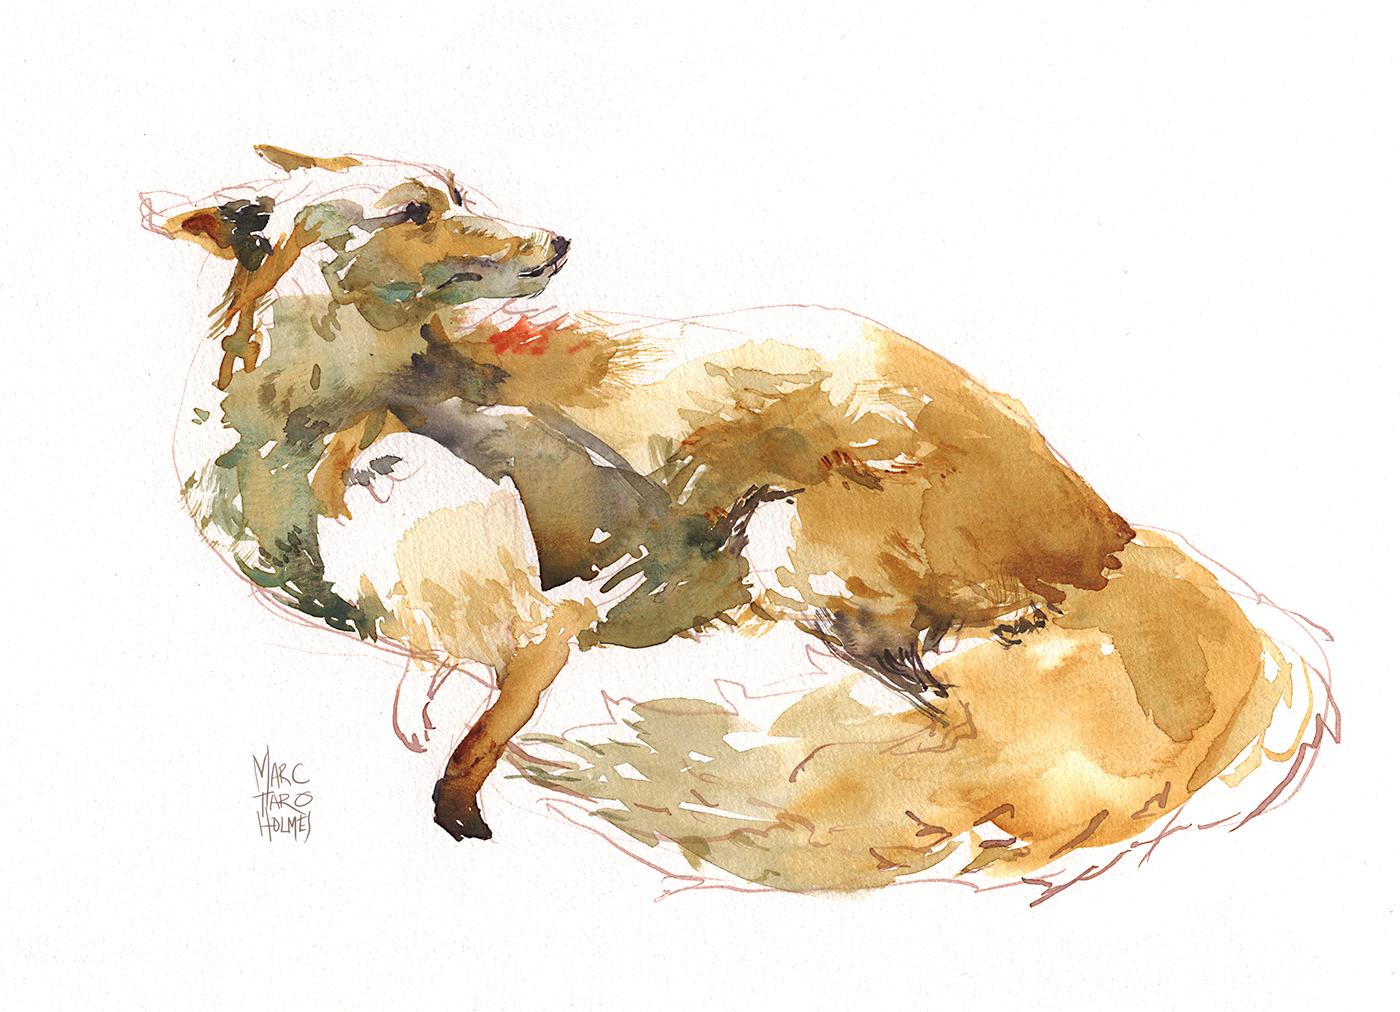 marc taro holmes fox sketch